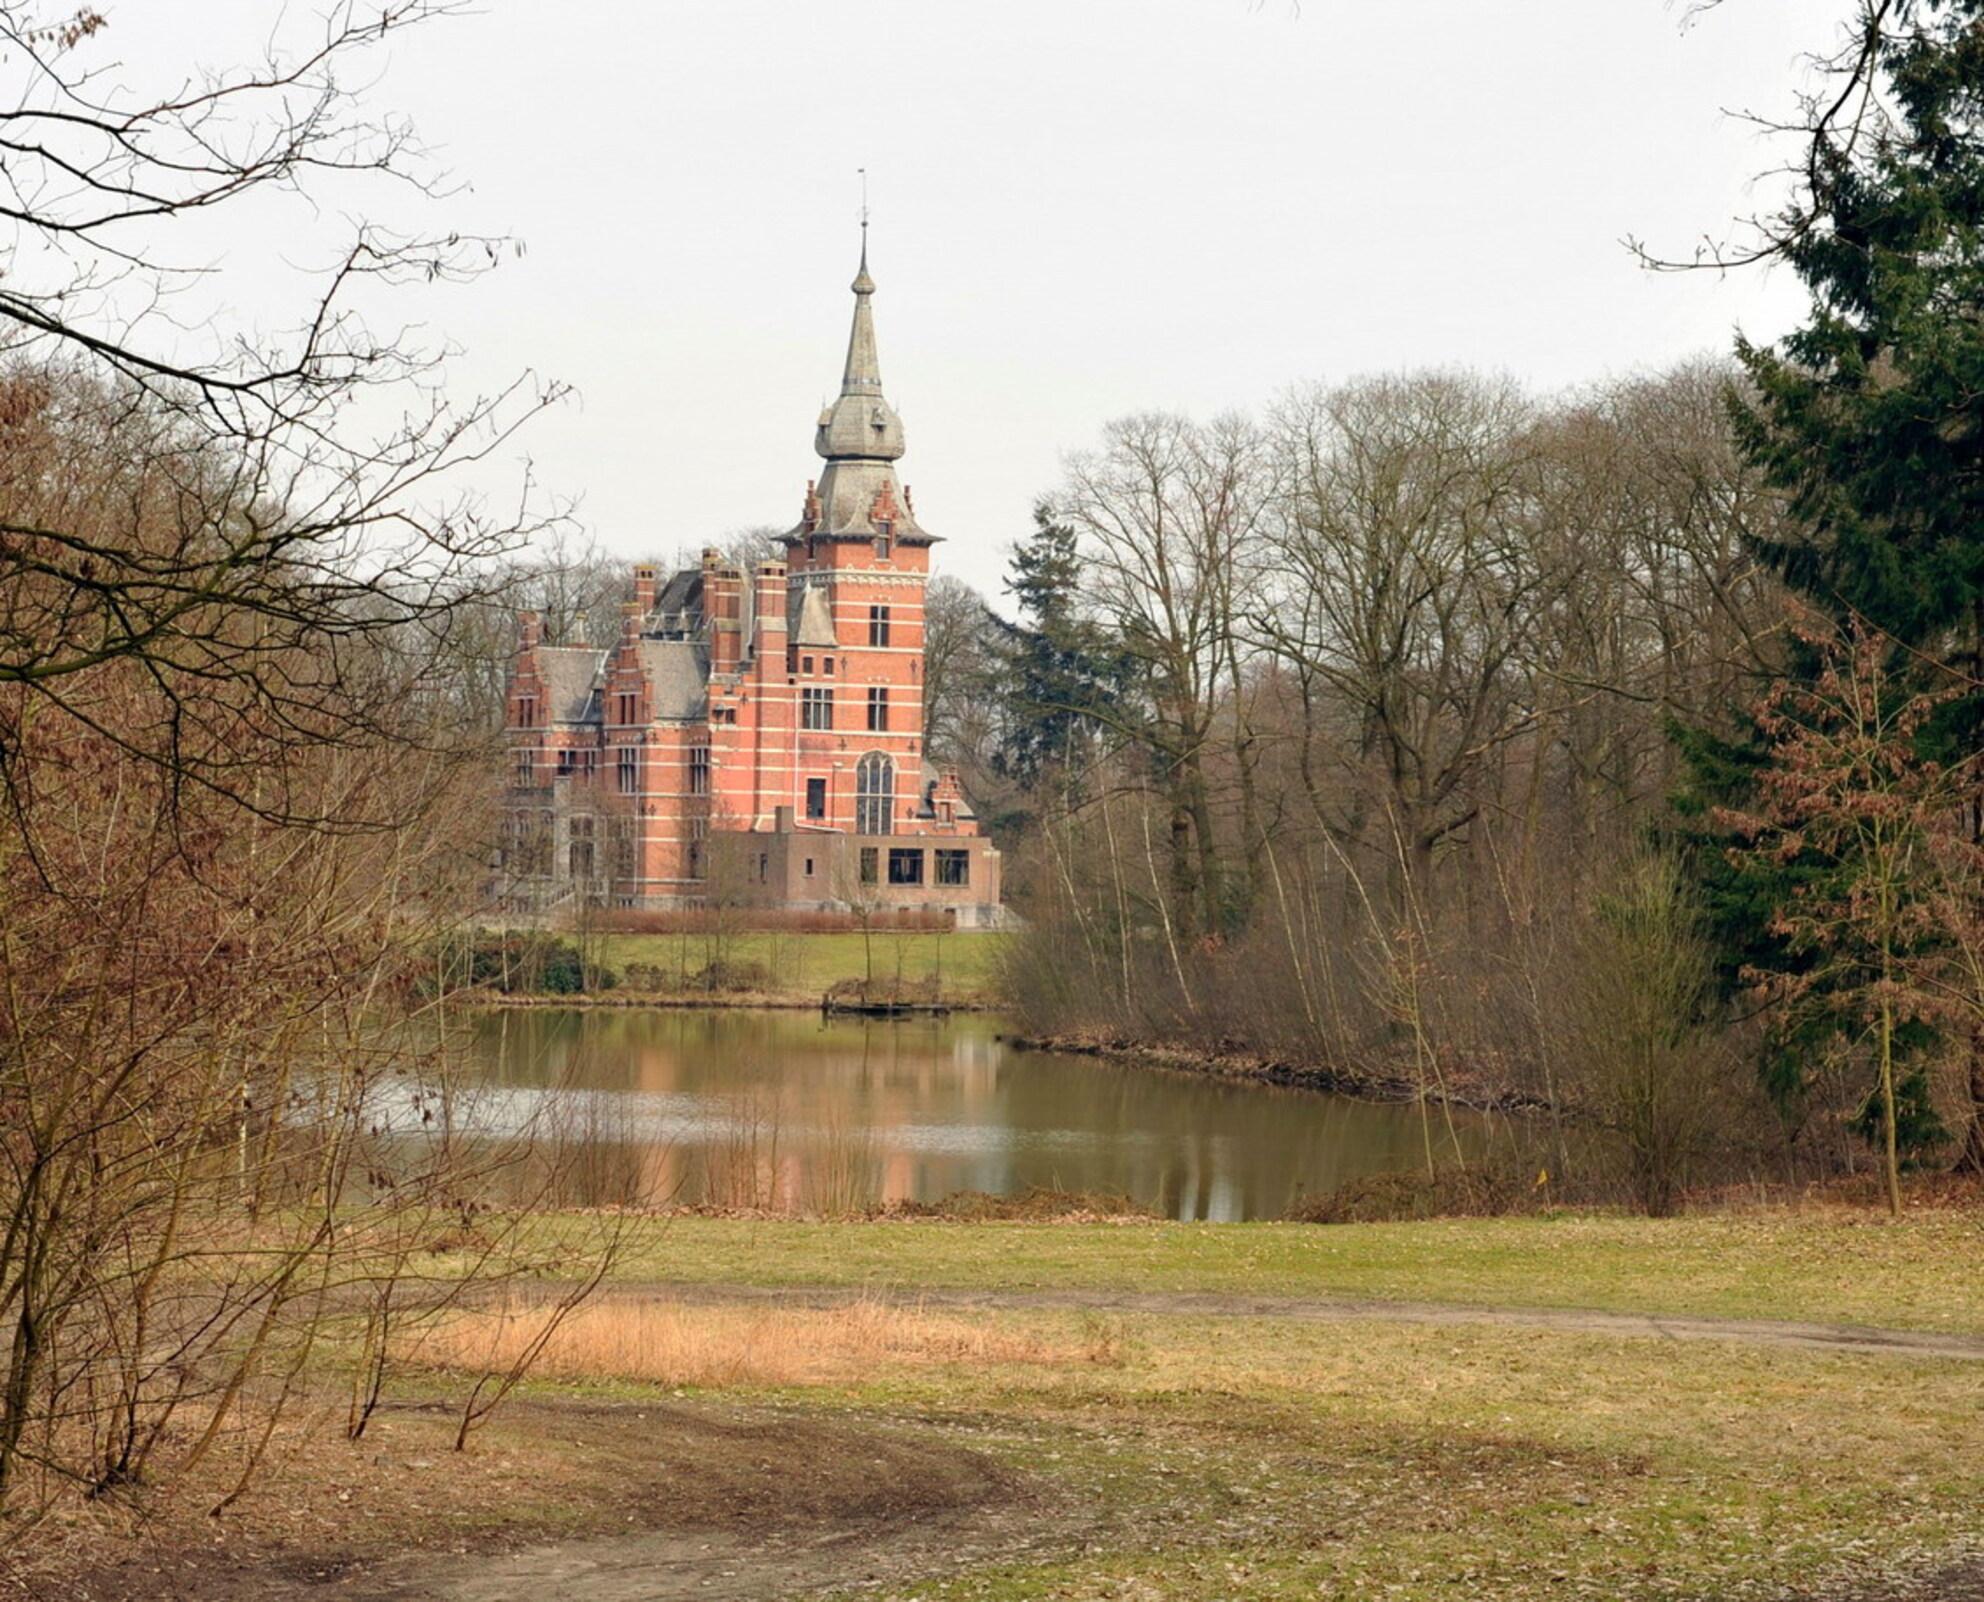 Kasteel in Retie(B) - `n dagje uit met fotokonijnenberg uit Turnhout, mooi verzorgde dag bedankt - foto door MVG_zoom op 18-03-2010 - deze foto bevat: kasteel - Deze foto mag gebruikt worden in een Zoom.nl publicatie